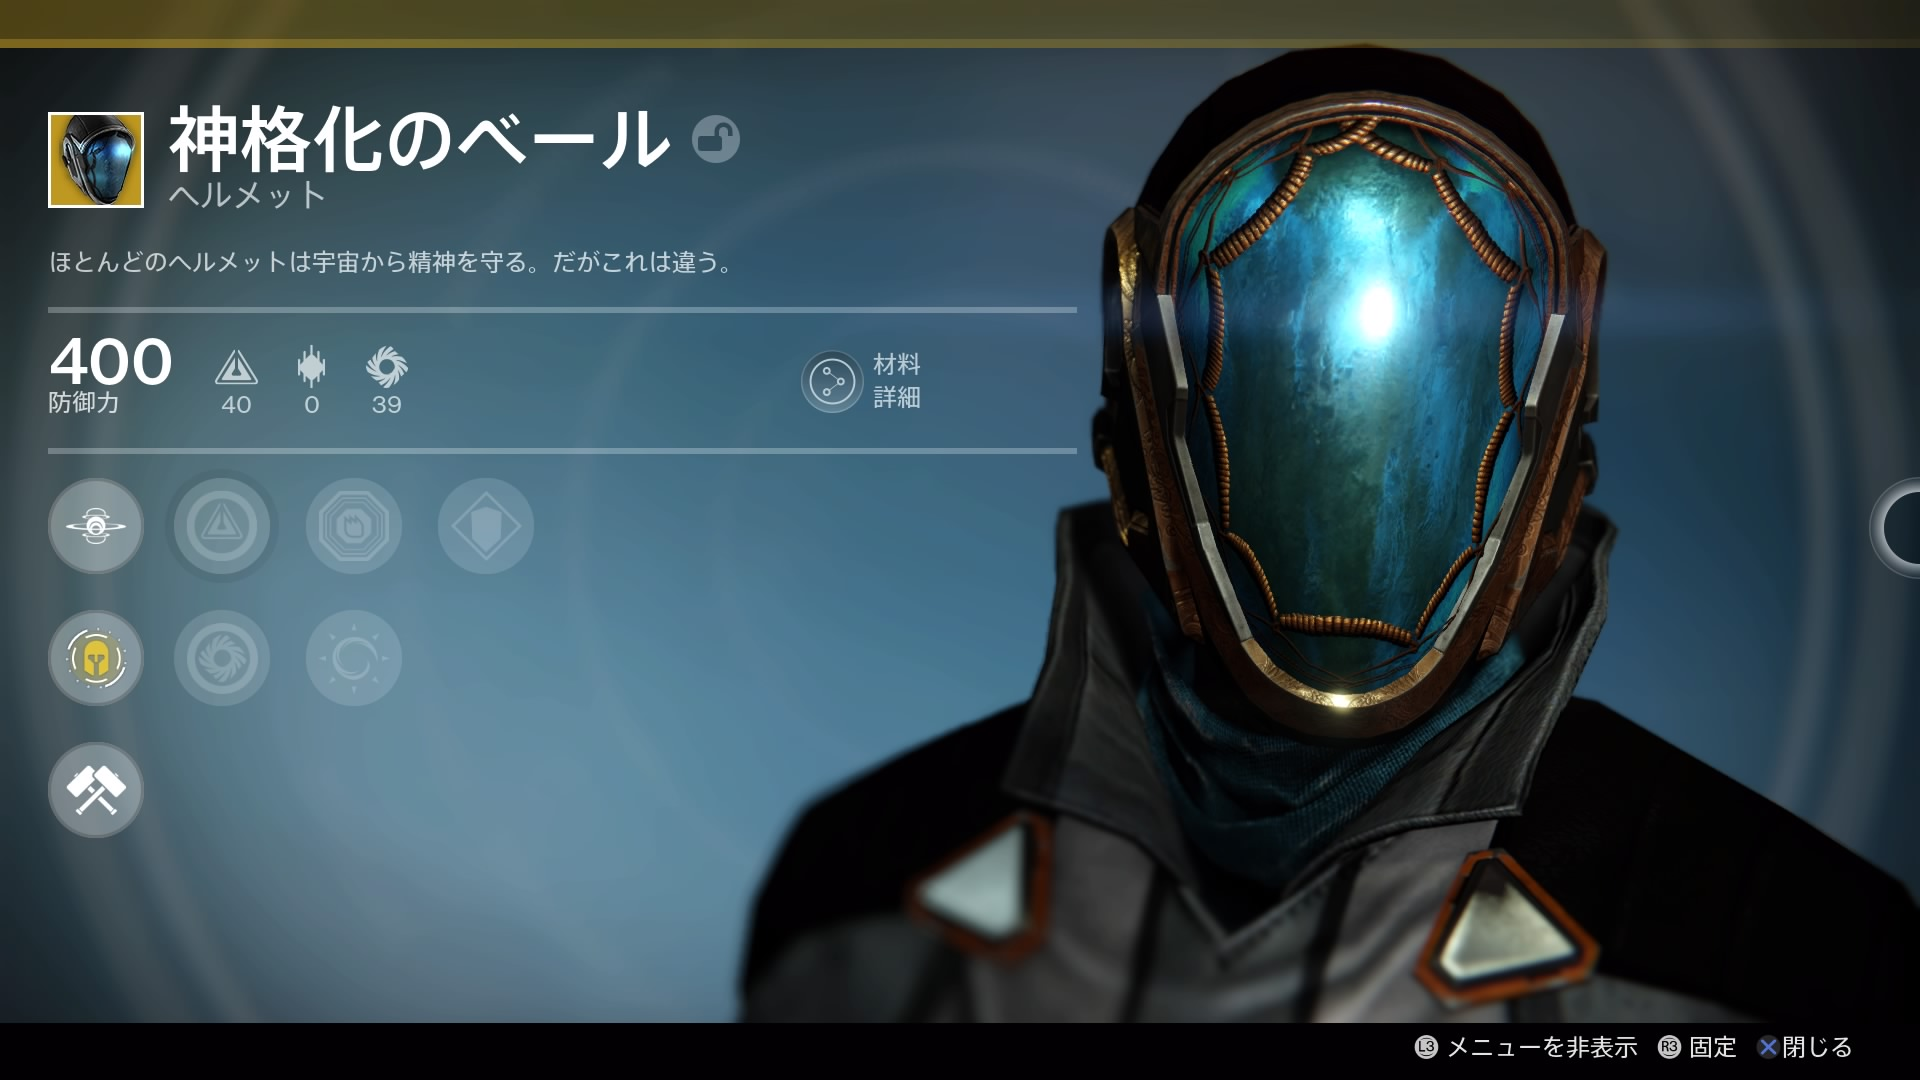 神格化のベール(ヘルメット)(TTK) - Destiny デスティニー まとめ/攻略 ...